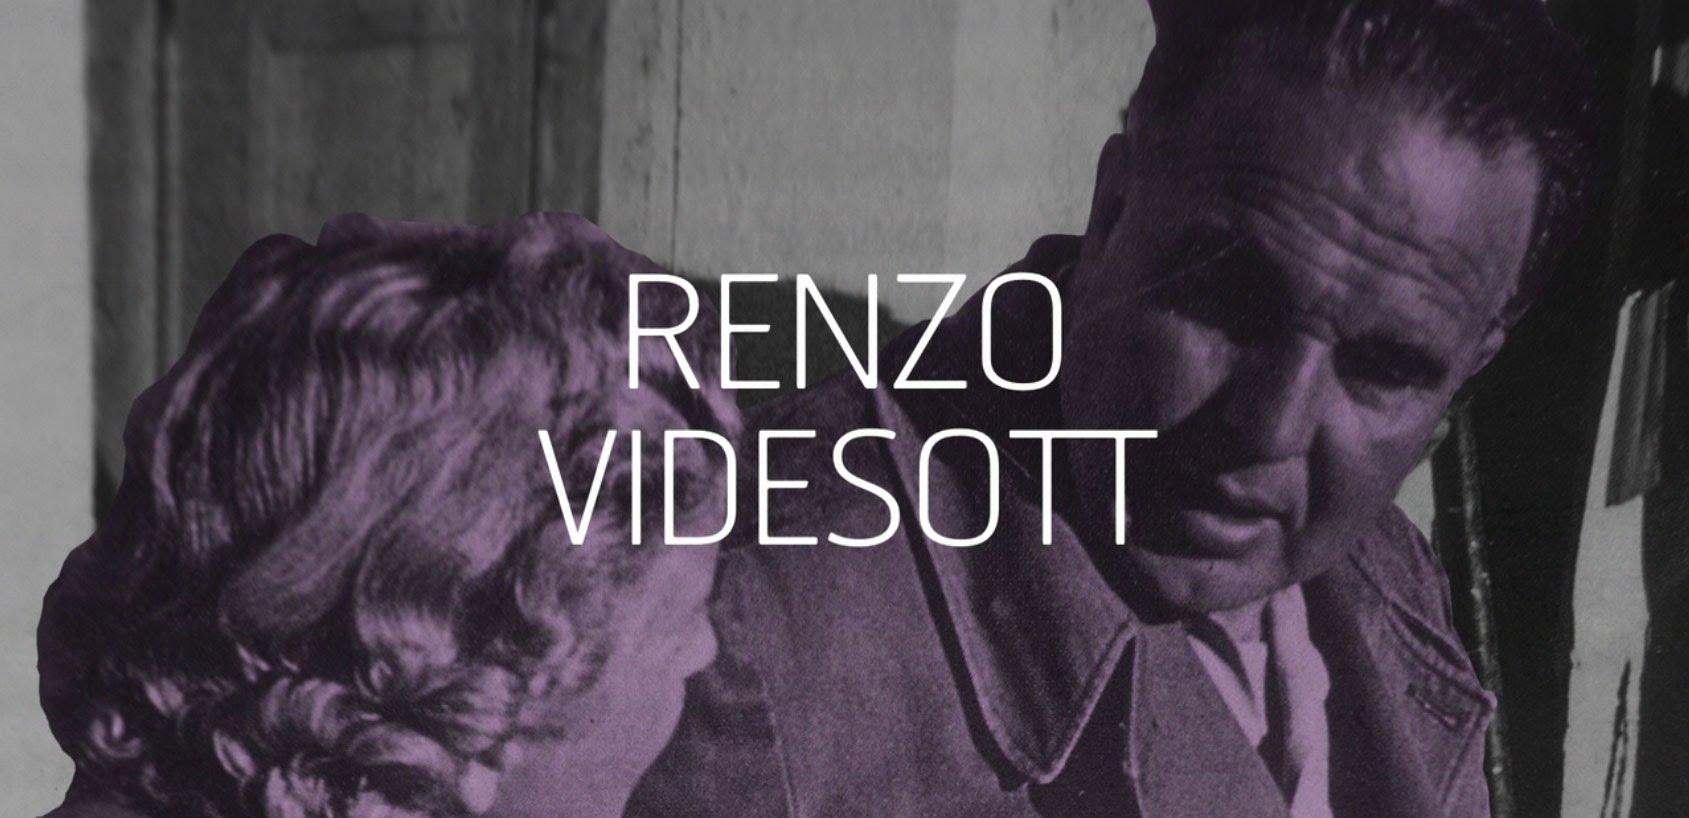 Renzo Videsott